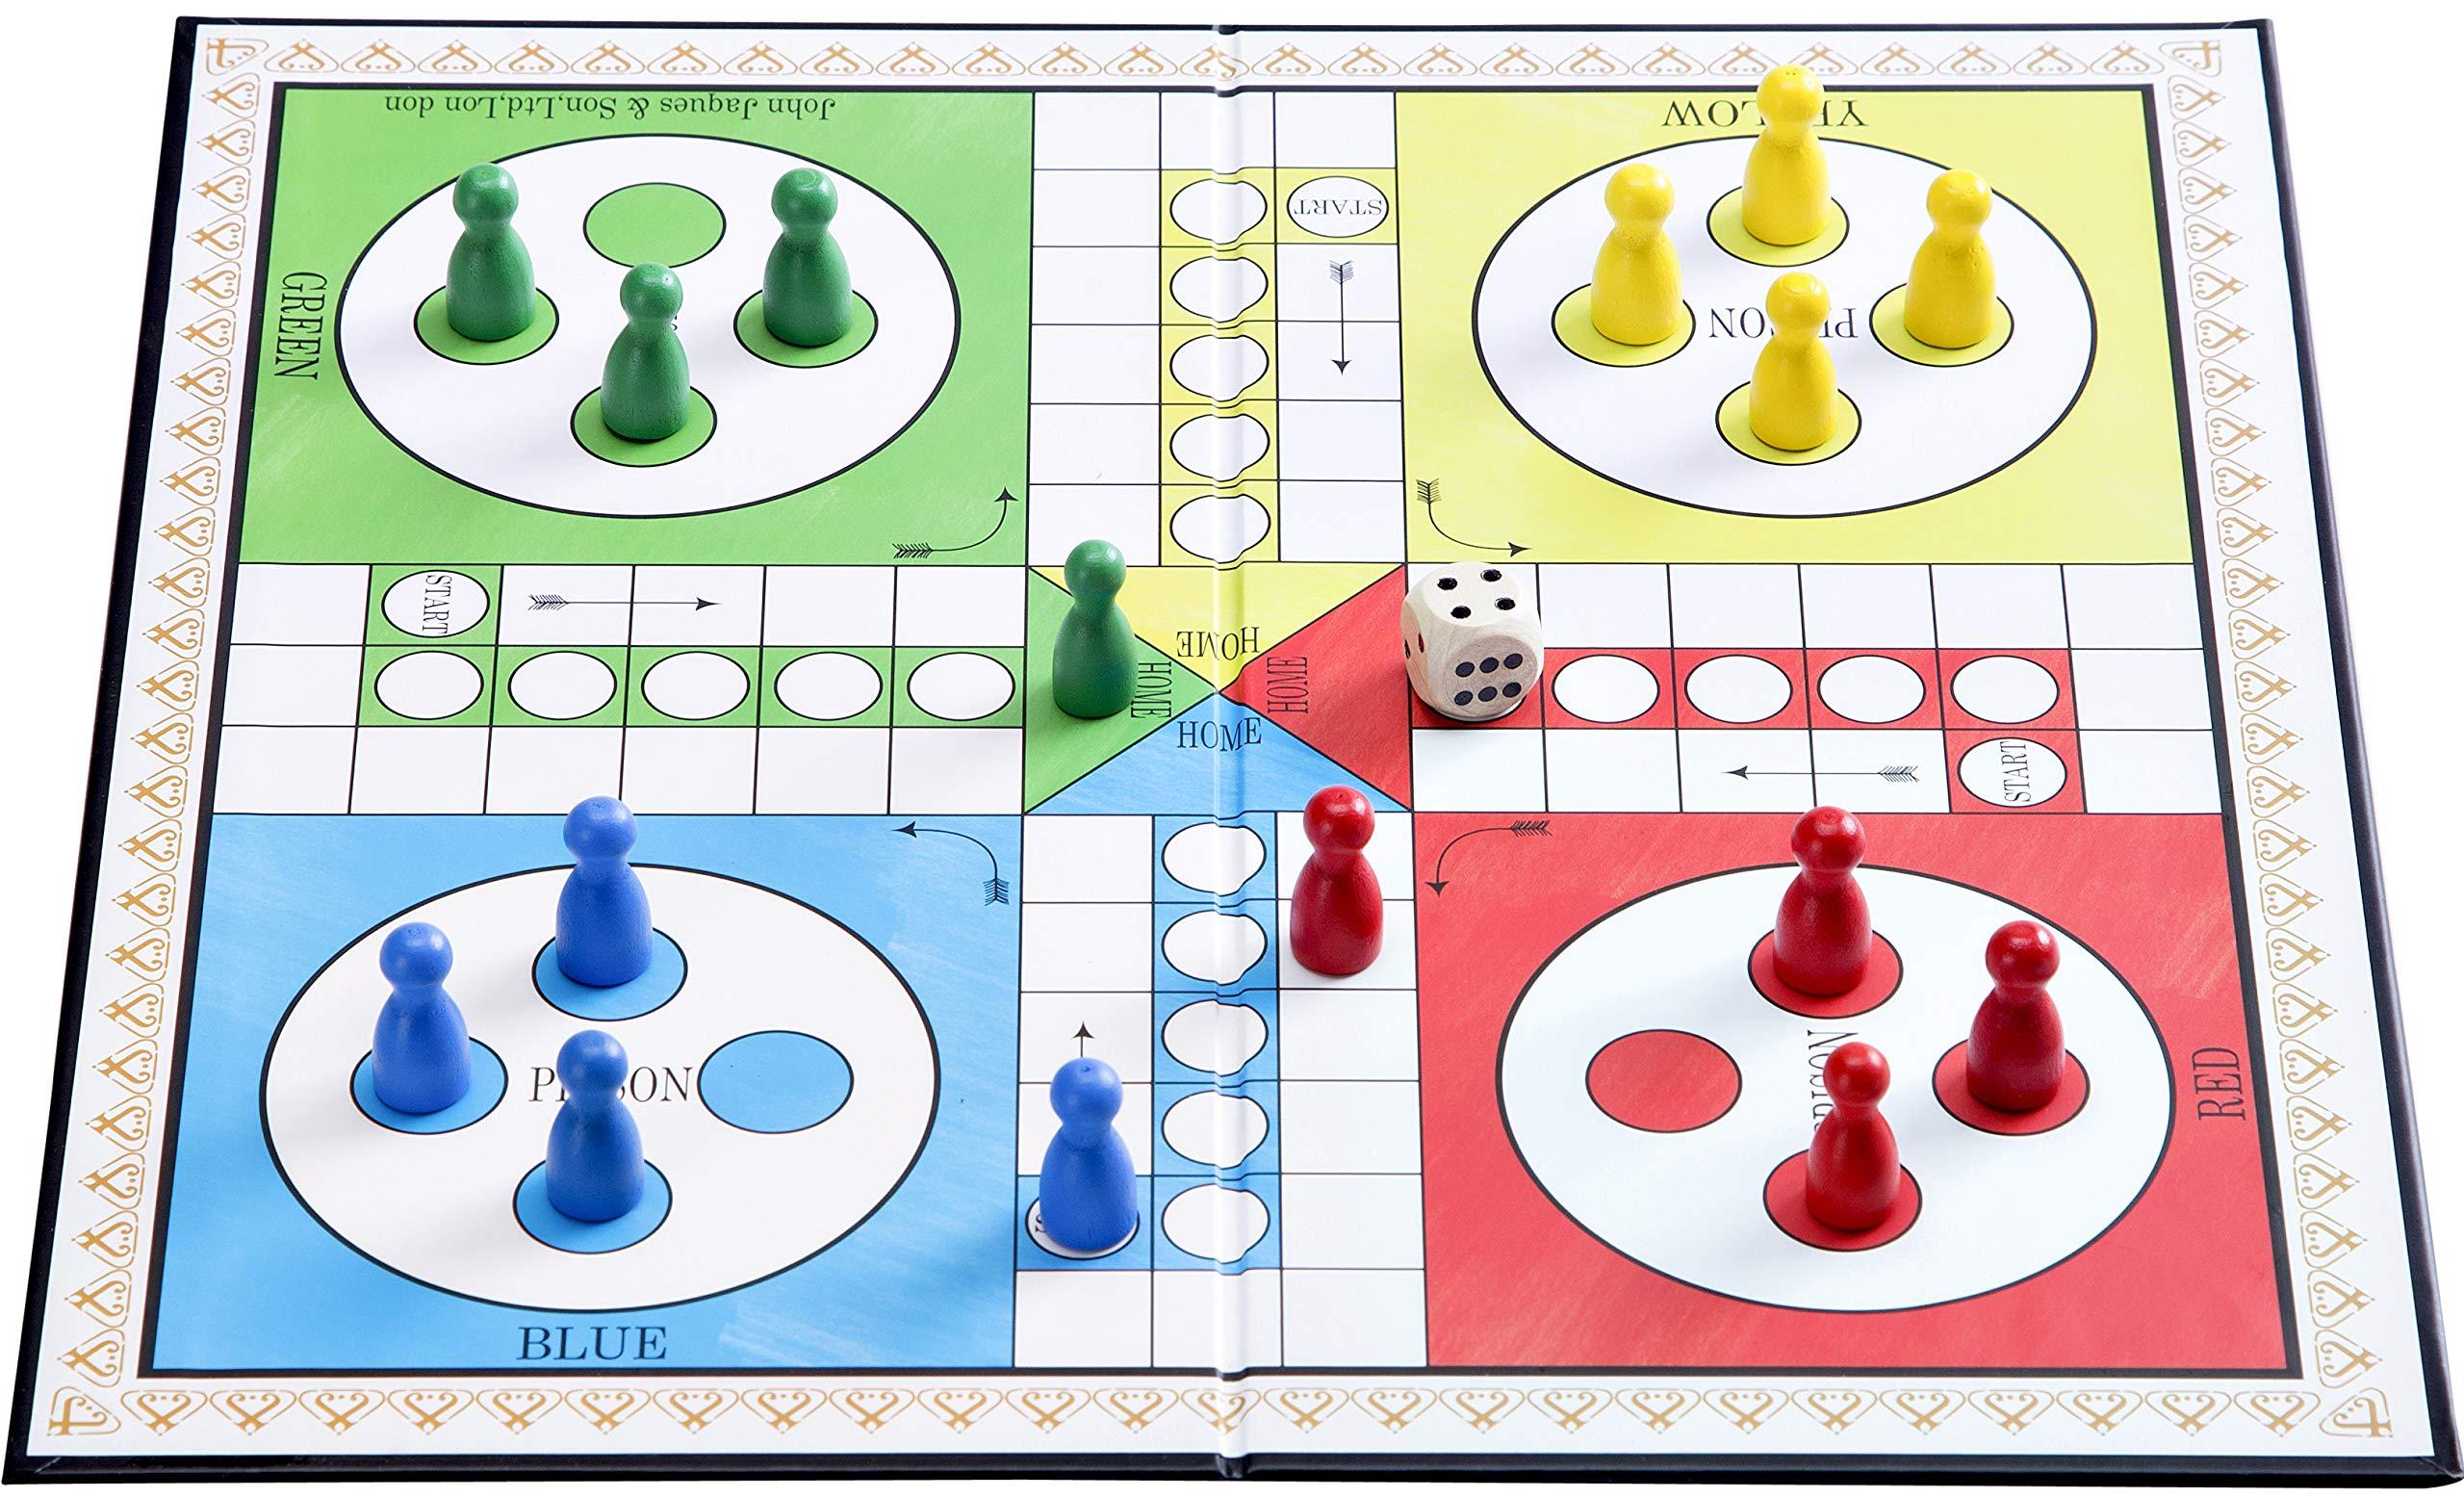 12 Ludo en Cartas y Tablero Ropa: Amazon.es: Juguetes y juegos